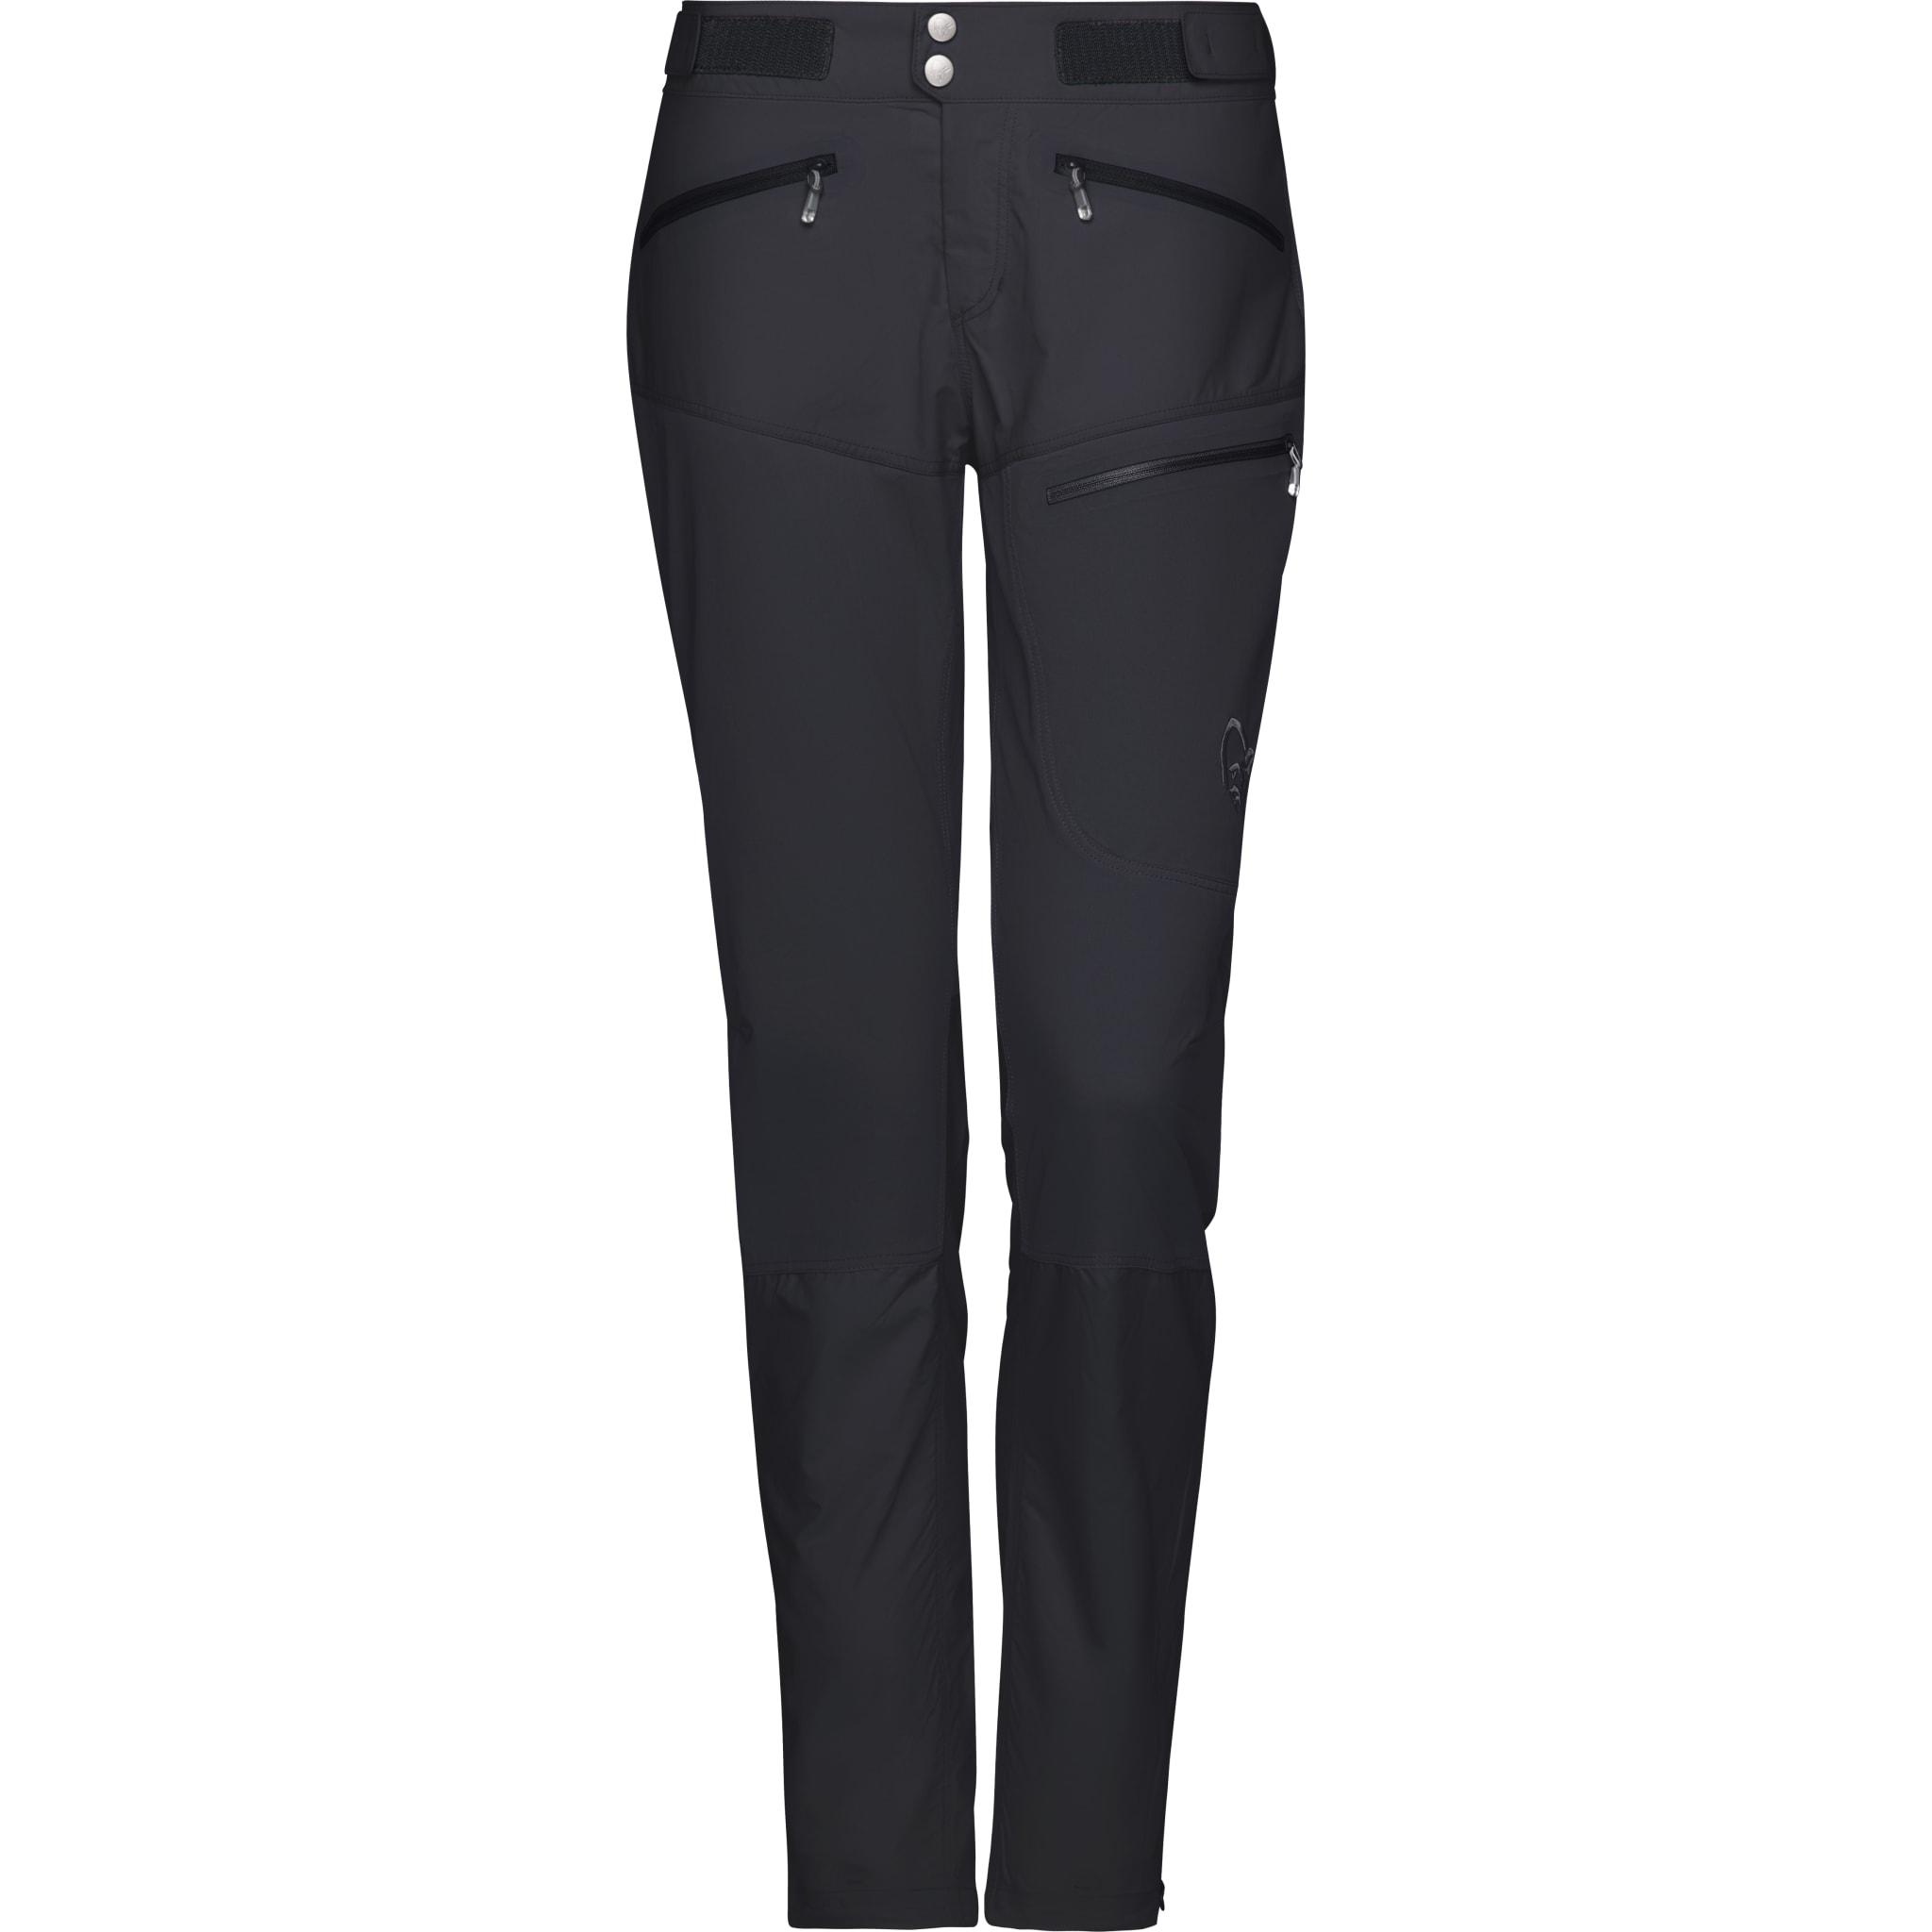 Bitihorn Lightweight Pants W